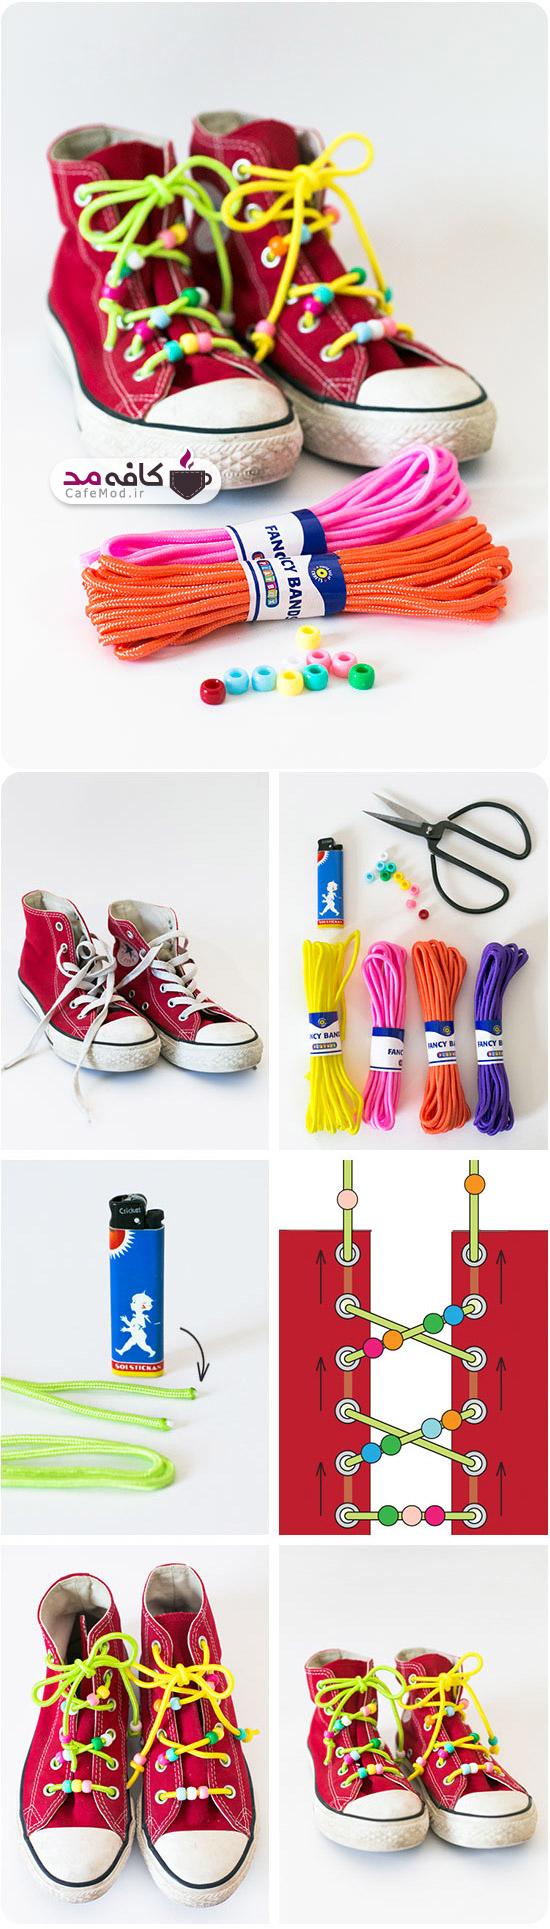 کفش با بند رنگی